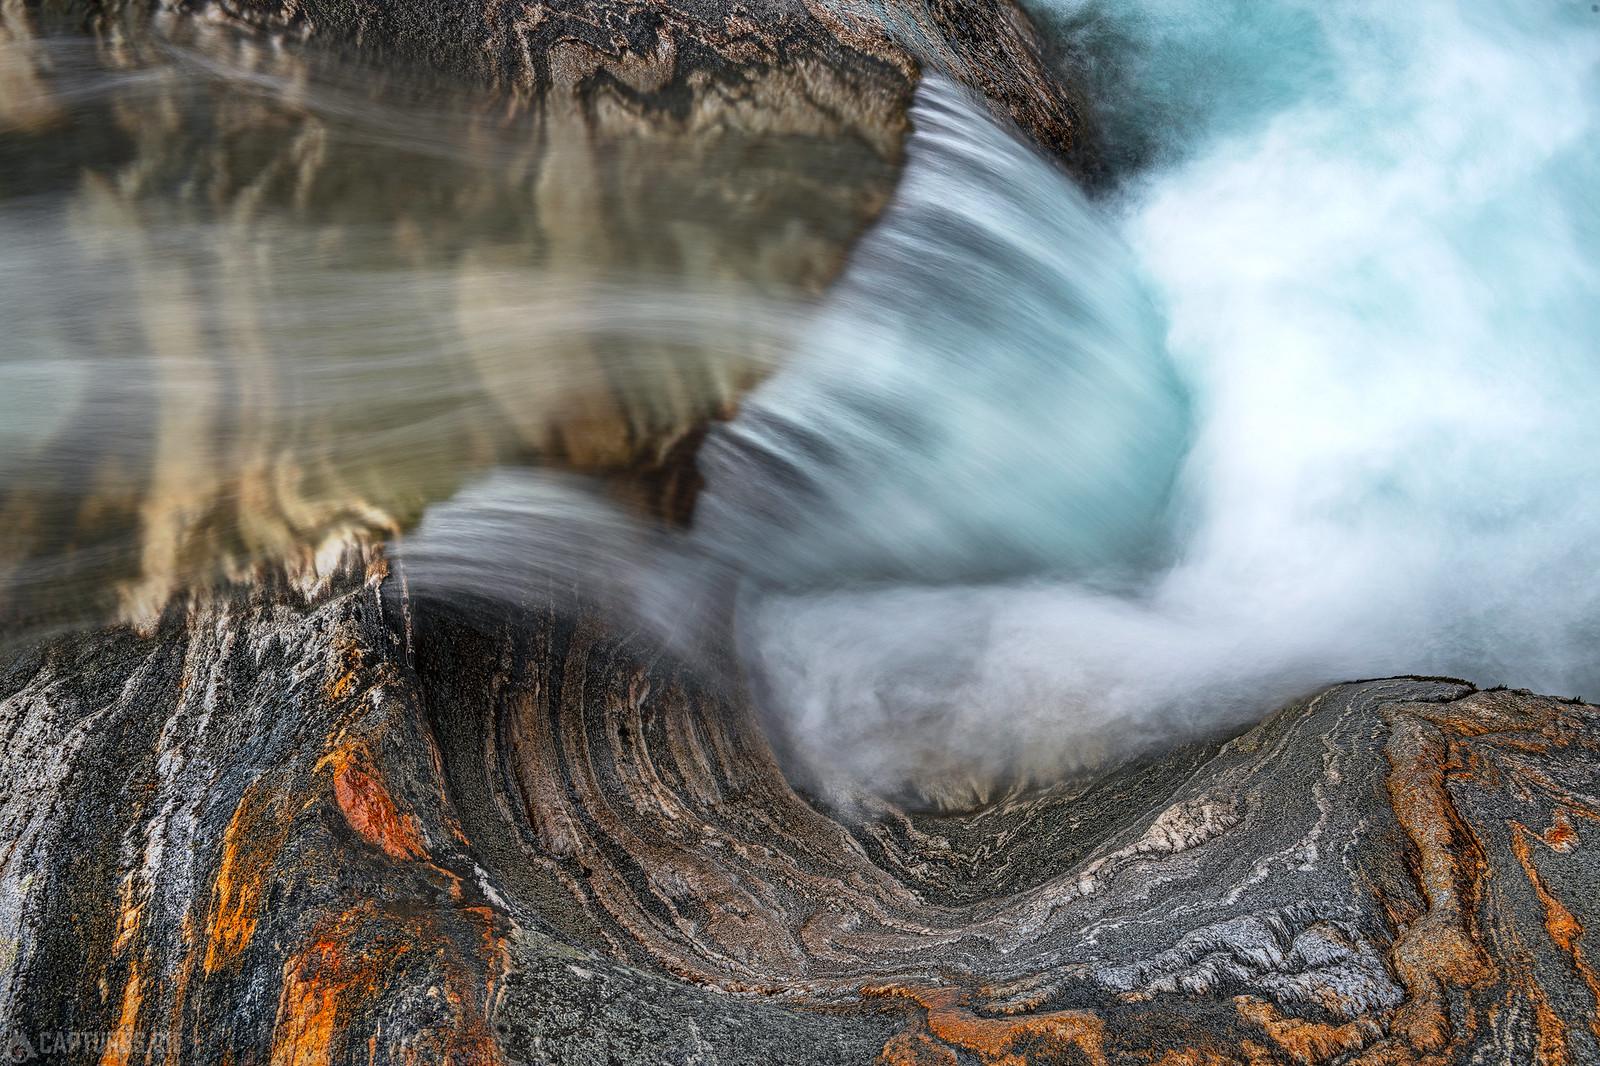 Small waterfall - Lavertezzo